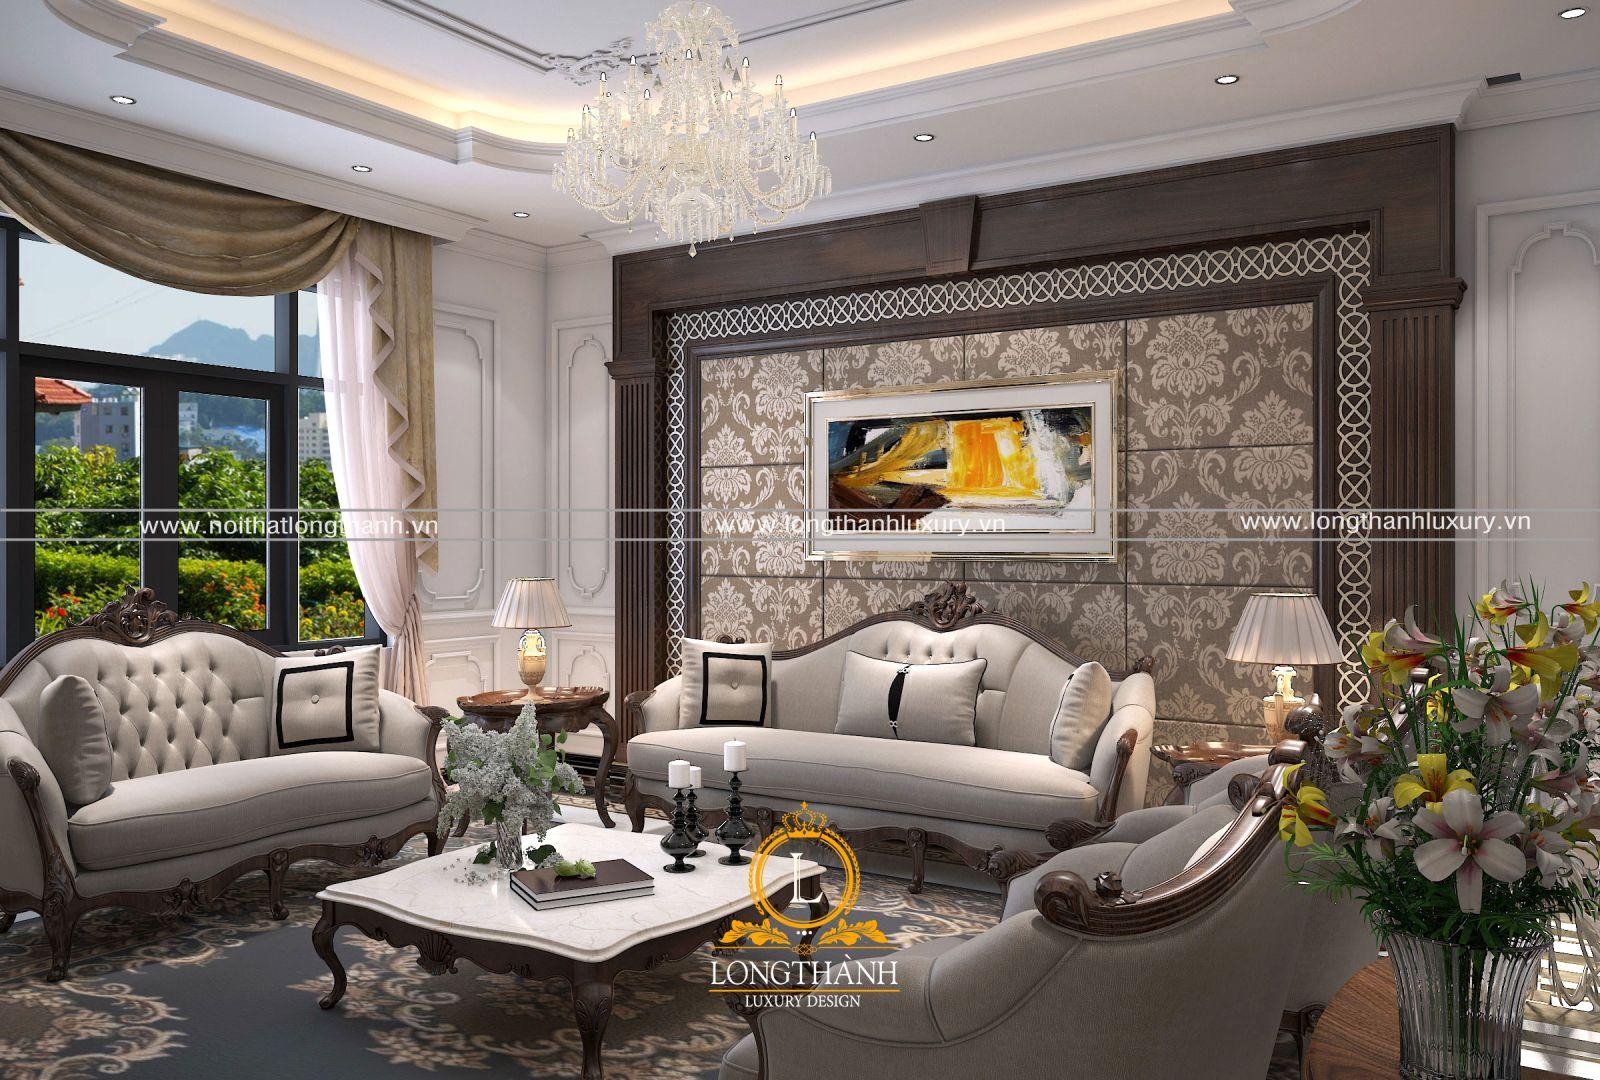 Nội thất phòng khách ấn tượng và nổi bật khi sử dụng nhiều chất liệu cao cấp